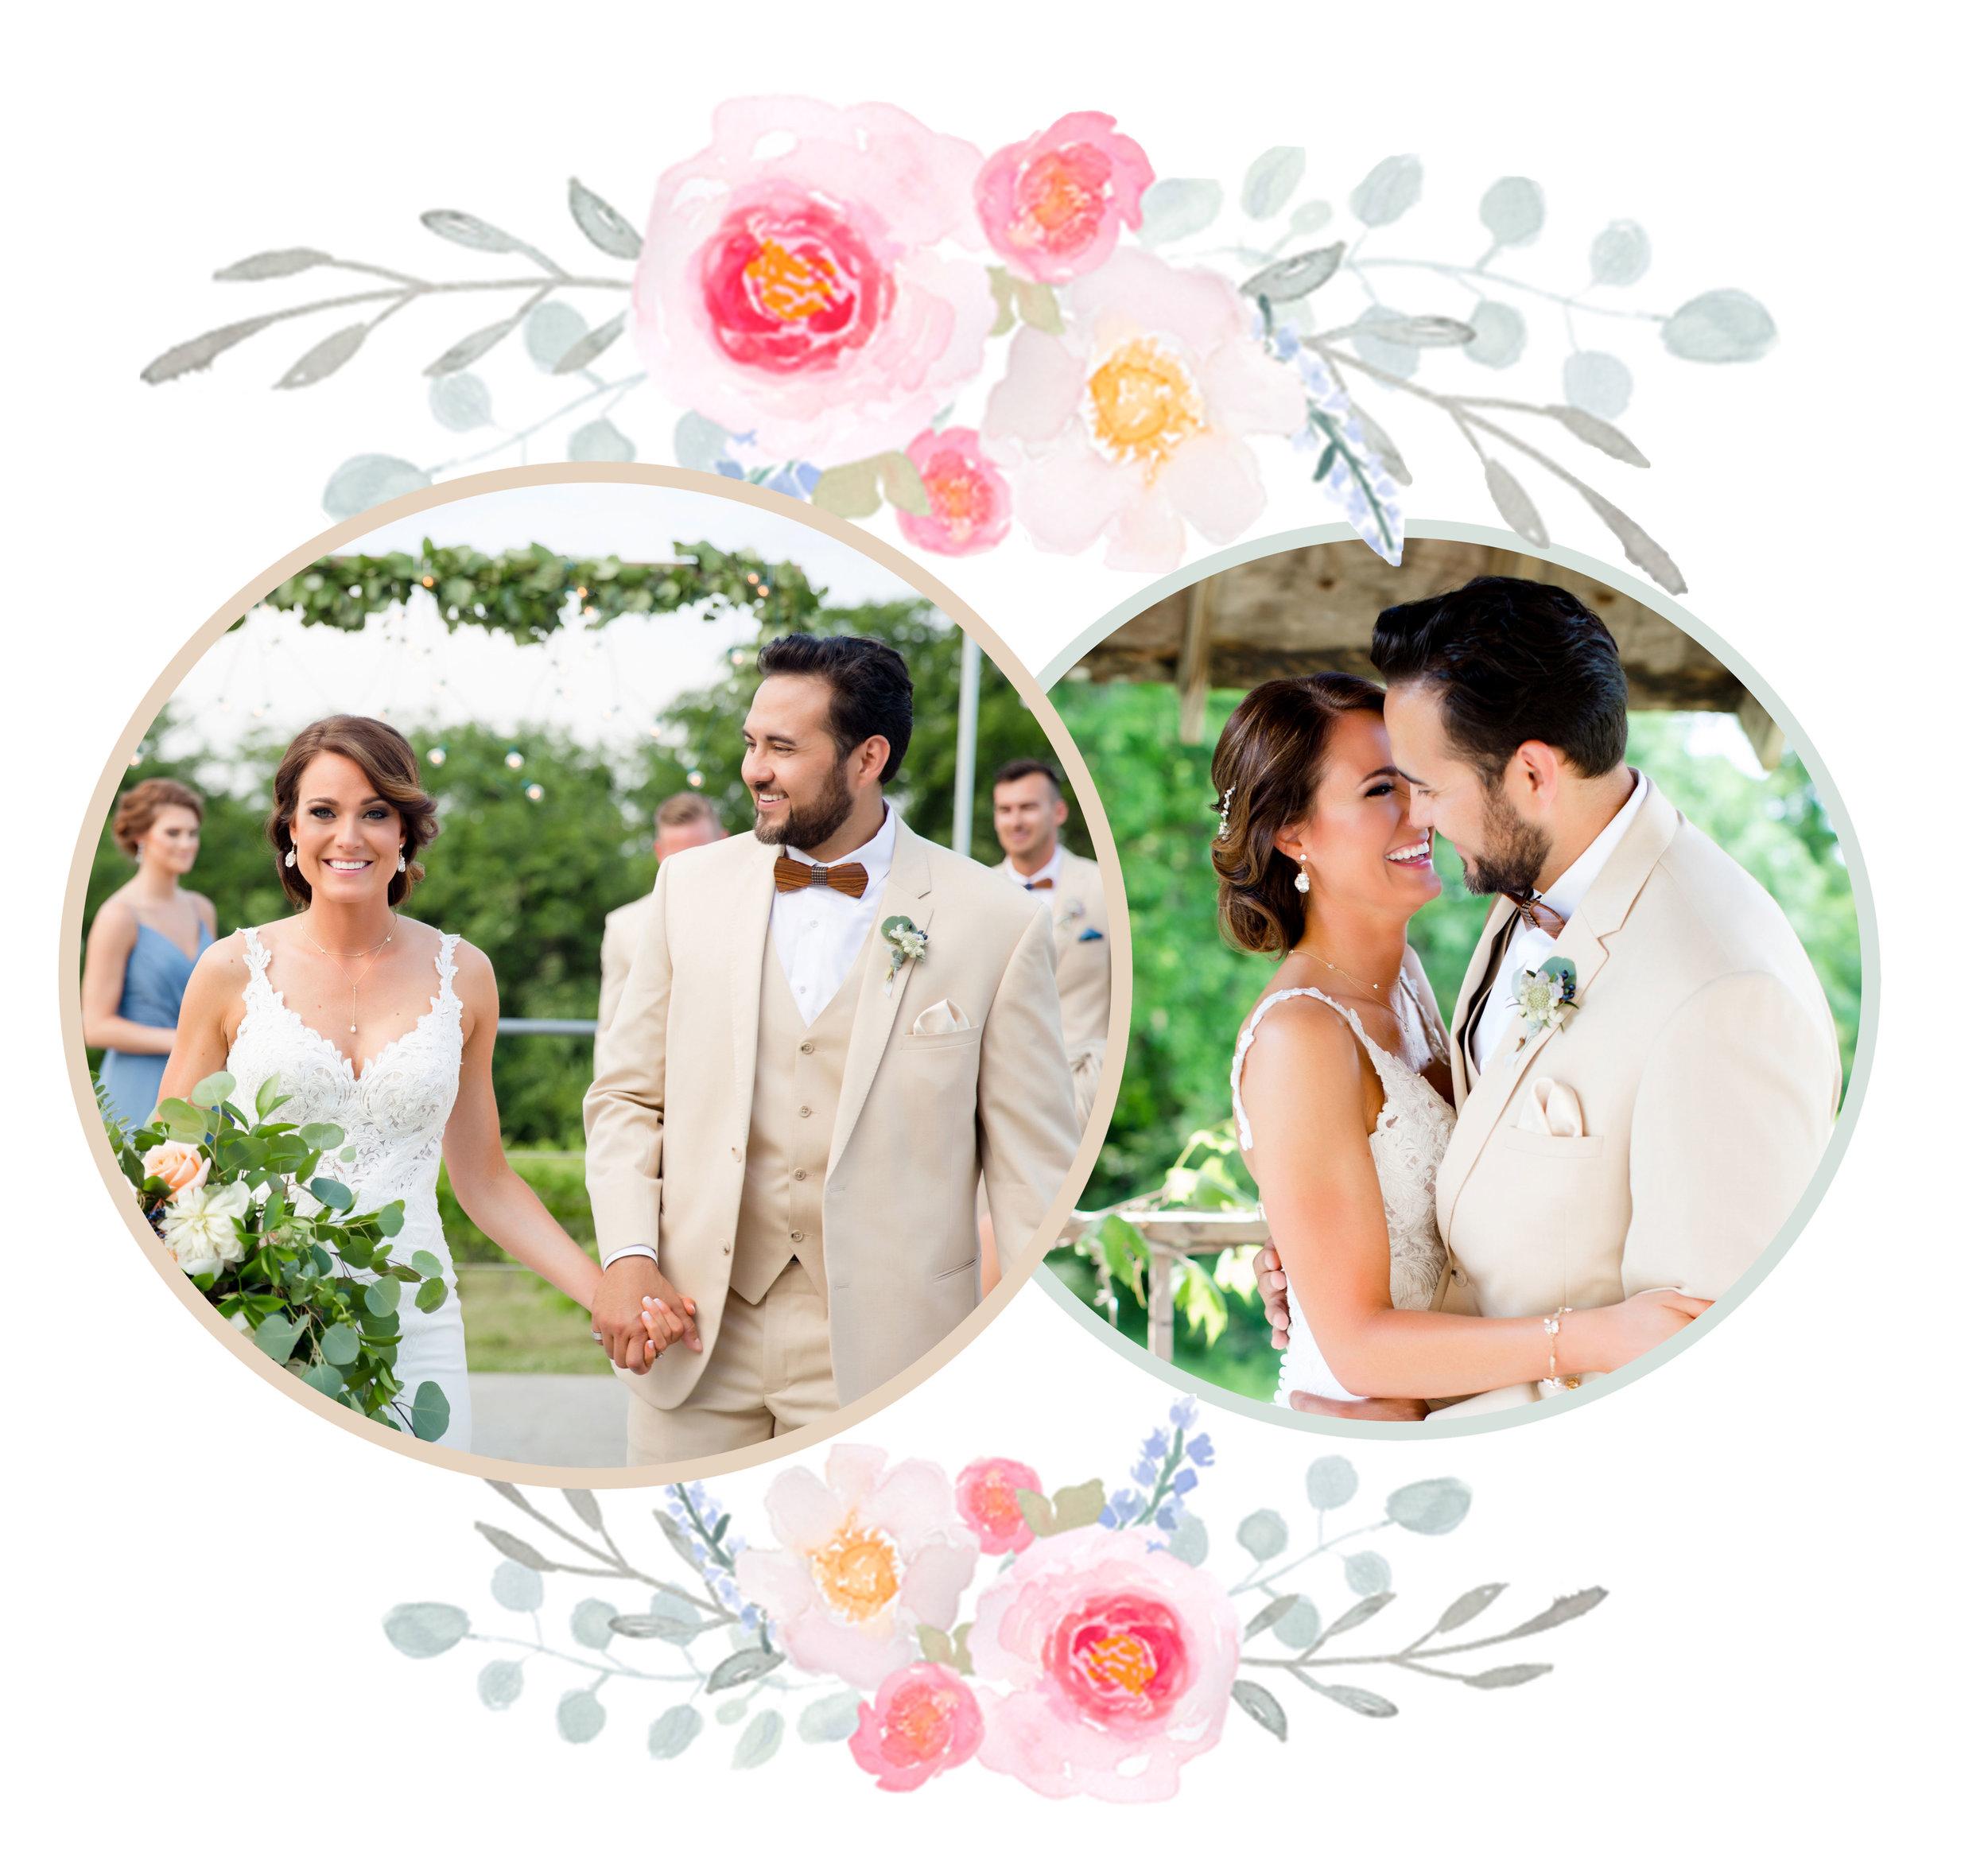 summerset-winery-wedding-flowers-sq.jpg